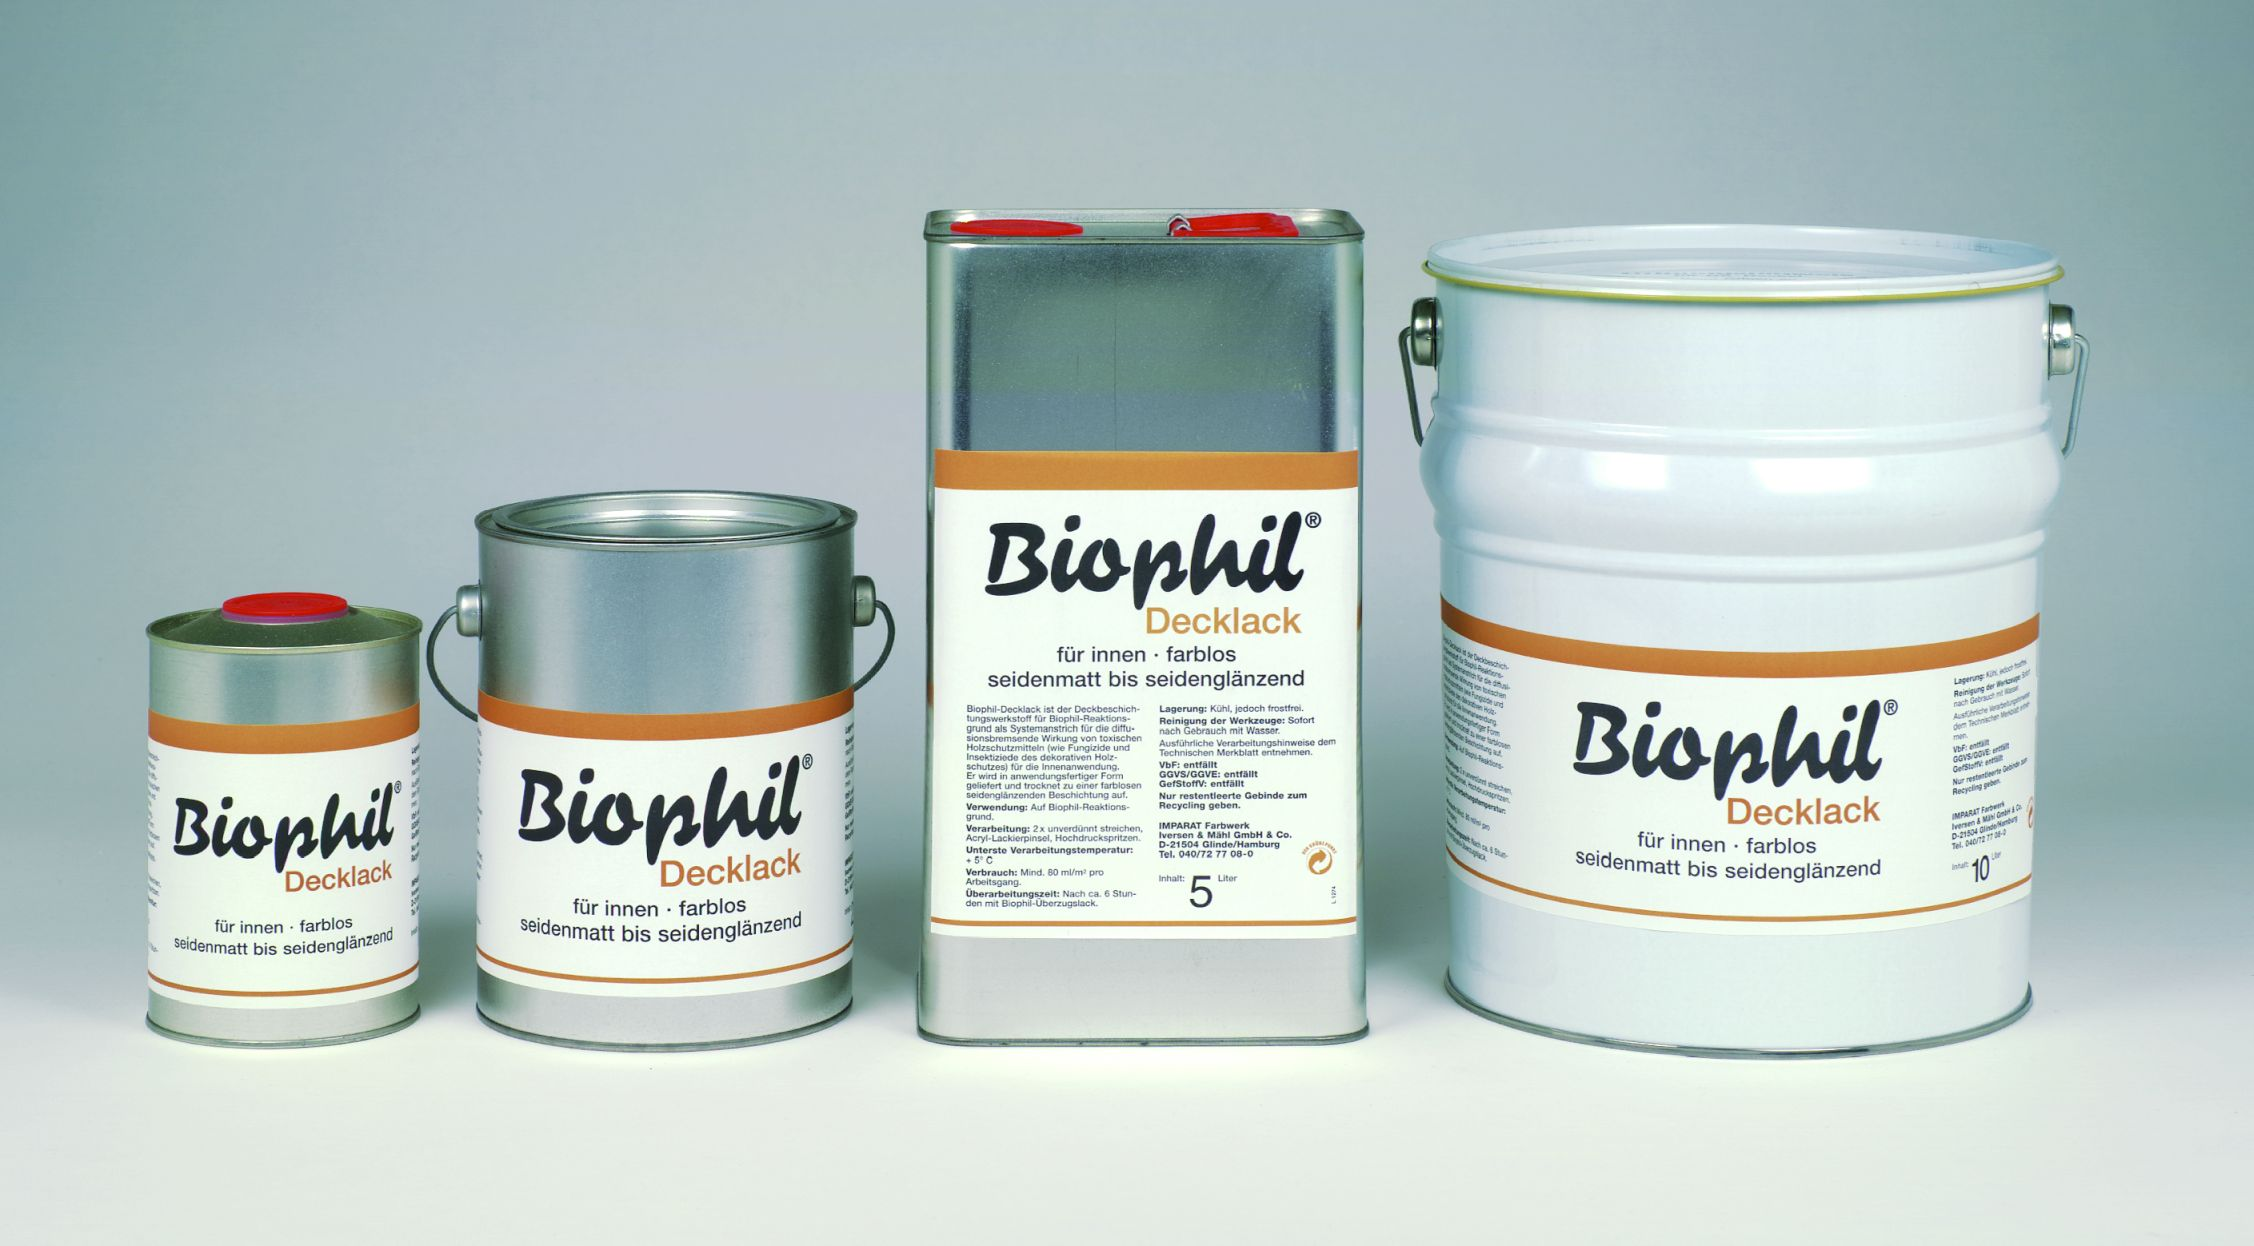 Biophil - Decklack